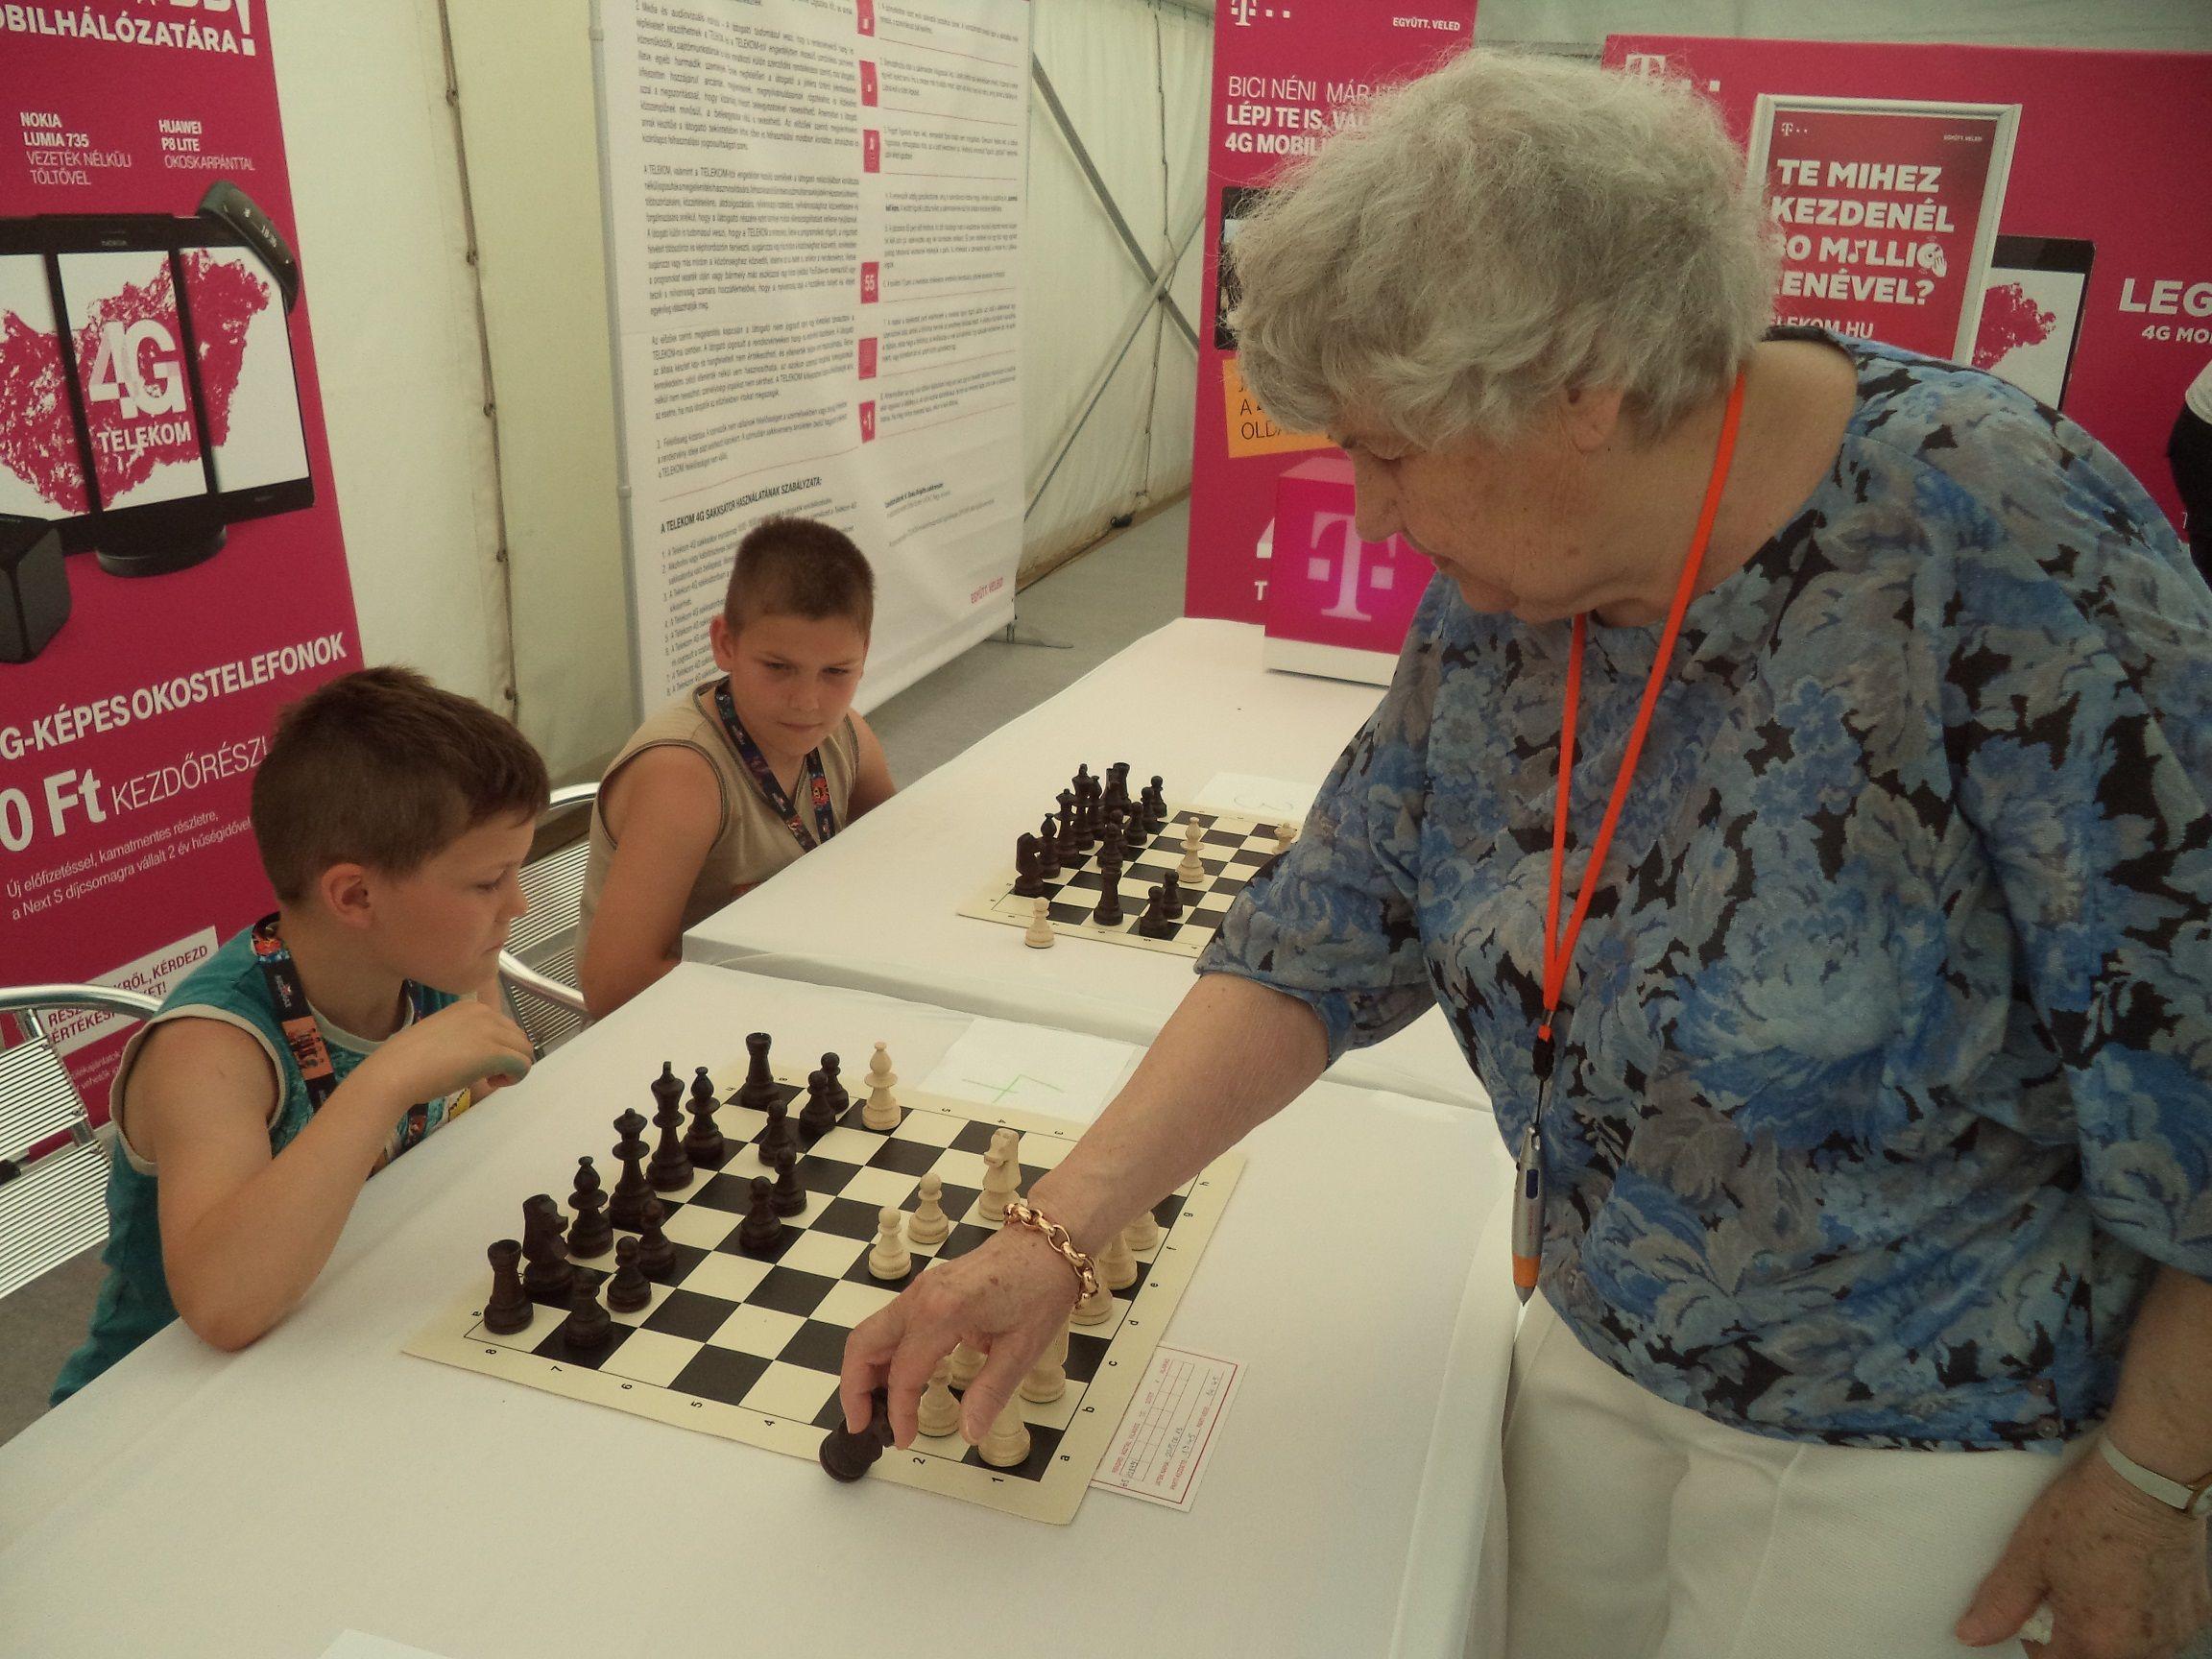 Uma húngara de 87 anos vai tentar um recorde neste fim de semana: o de maior número de partidas de xadrez. Brigitta Sinka já jogou 13 mil, geralmente em disputas simultâneas com estudantes.